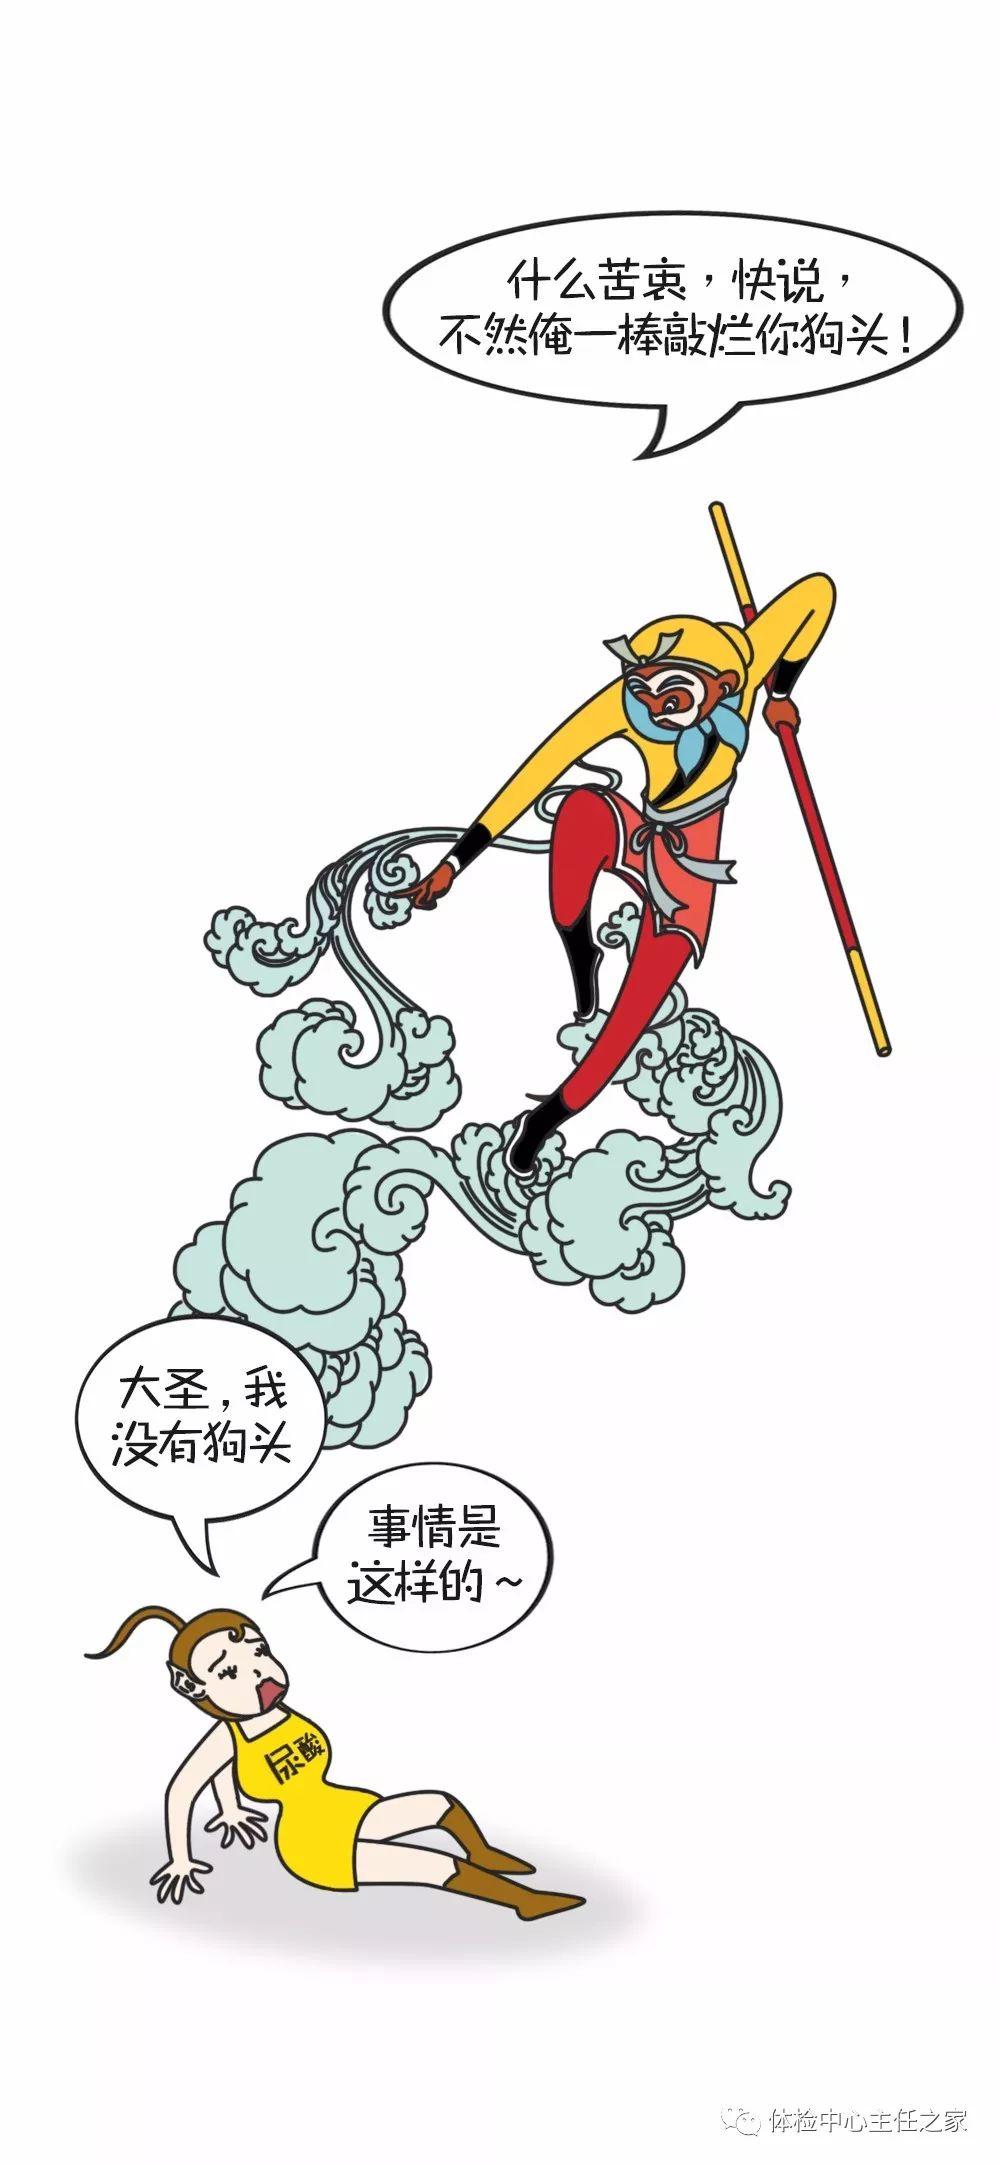 """【漫画】一起来看看""""尿酸""""这个磨人小妖精的前世今生!"""